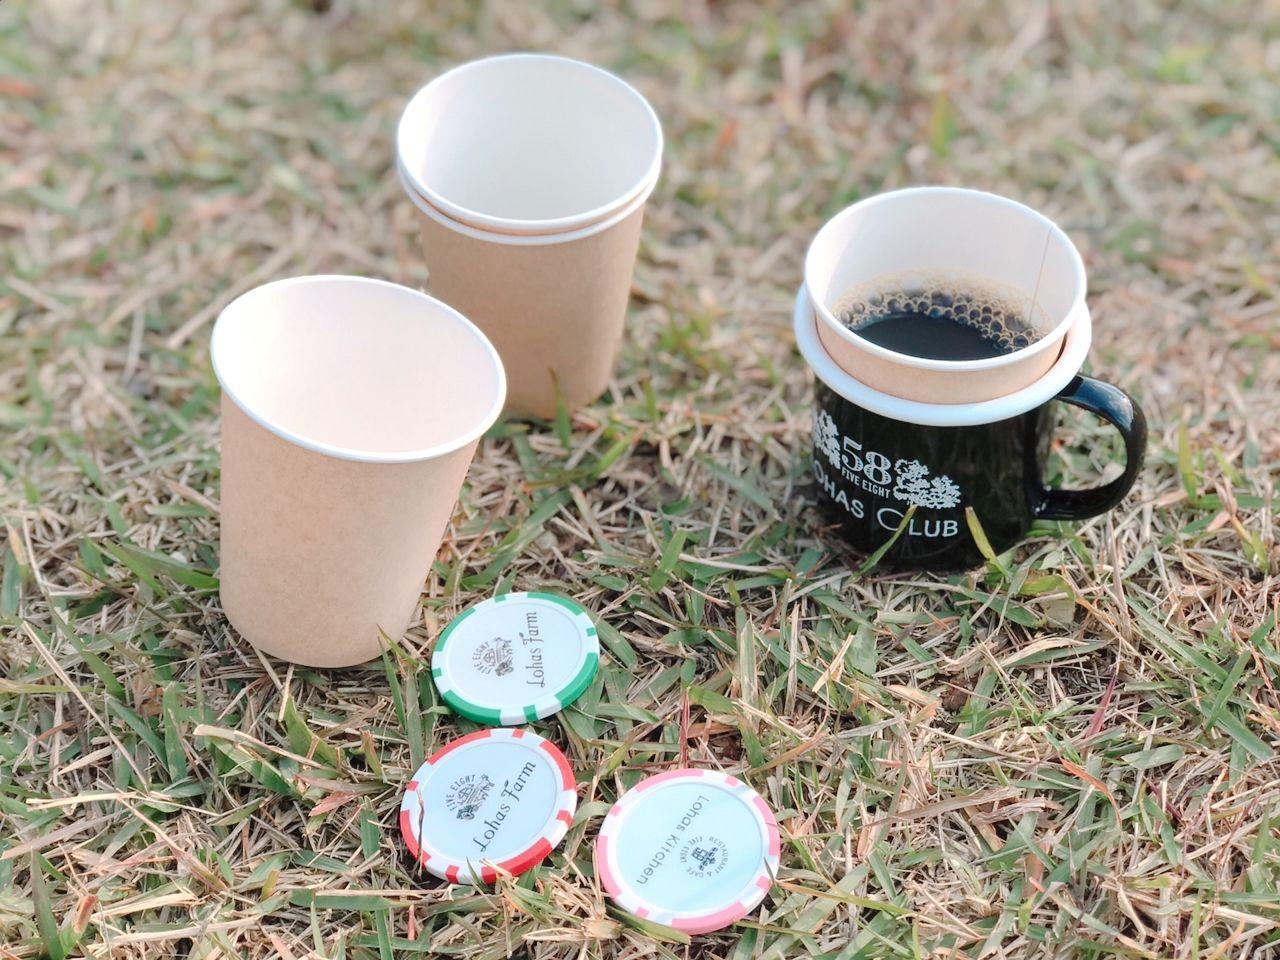 が、こちらっ! ホーロー製のマグ、紙コップが4つ。 そしてテイスティングコインが4枚(*^^*)